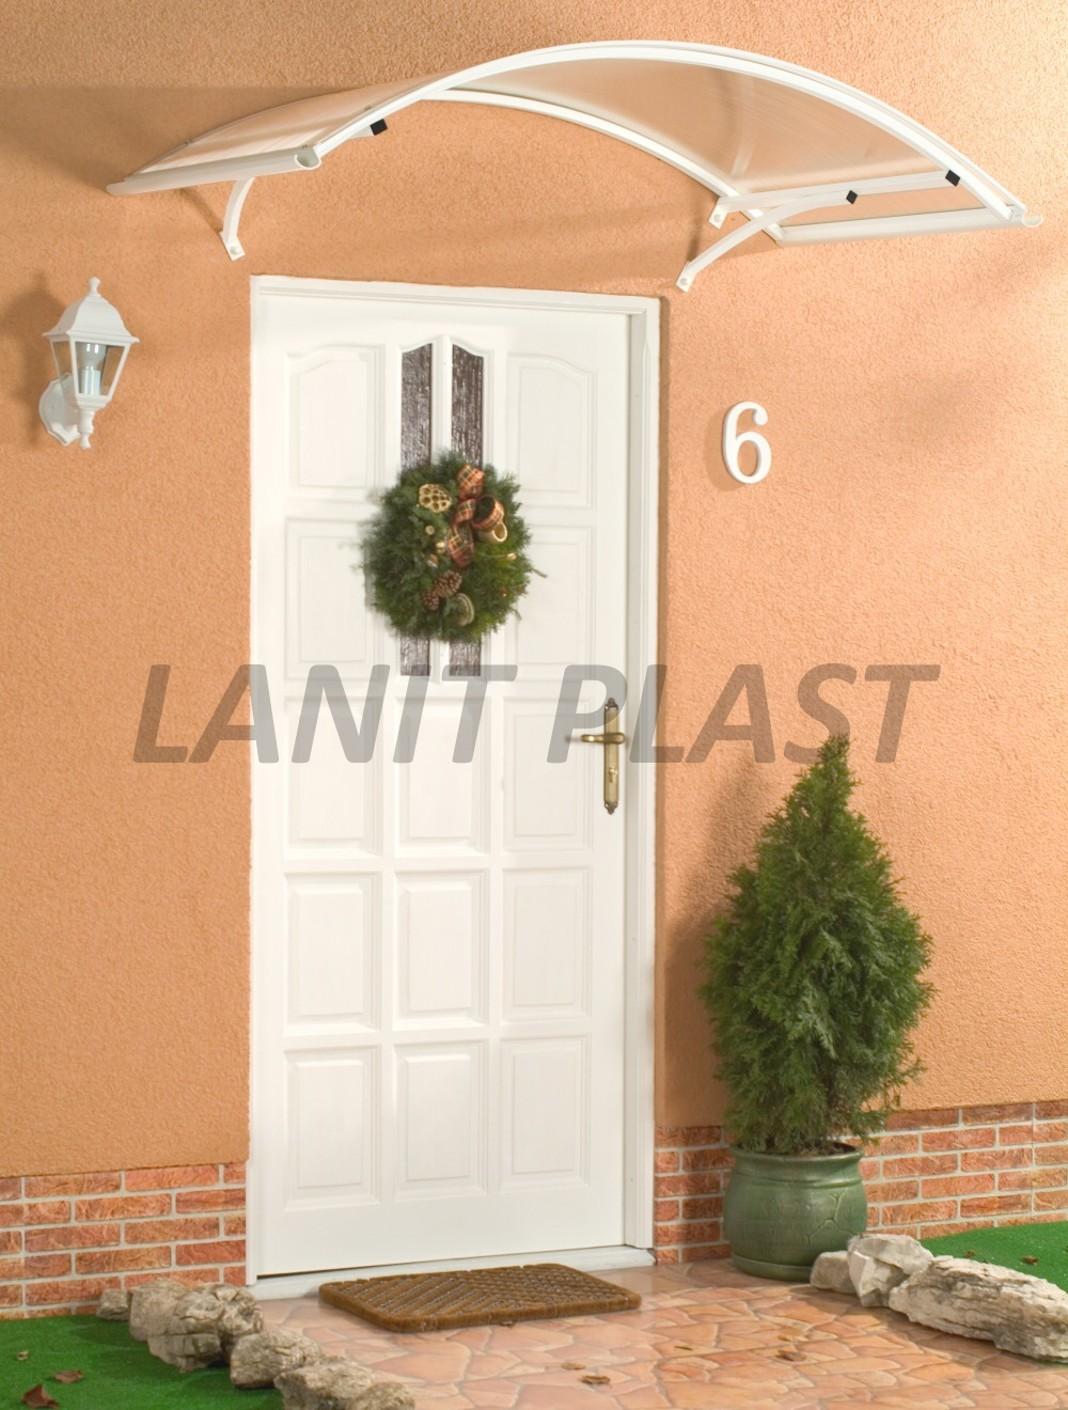 Vchodová stříška ARCO 160 bílá LANITPLAST